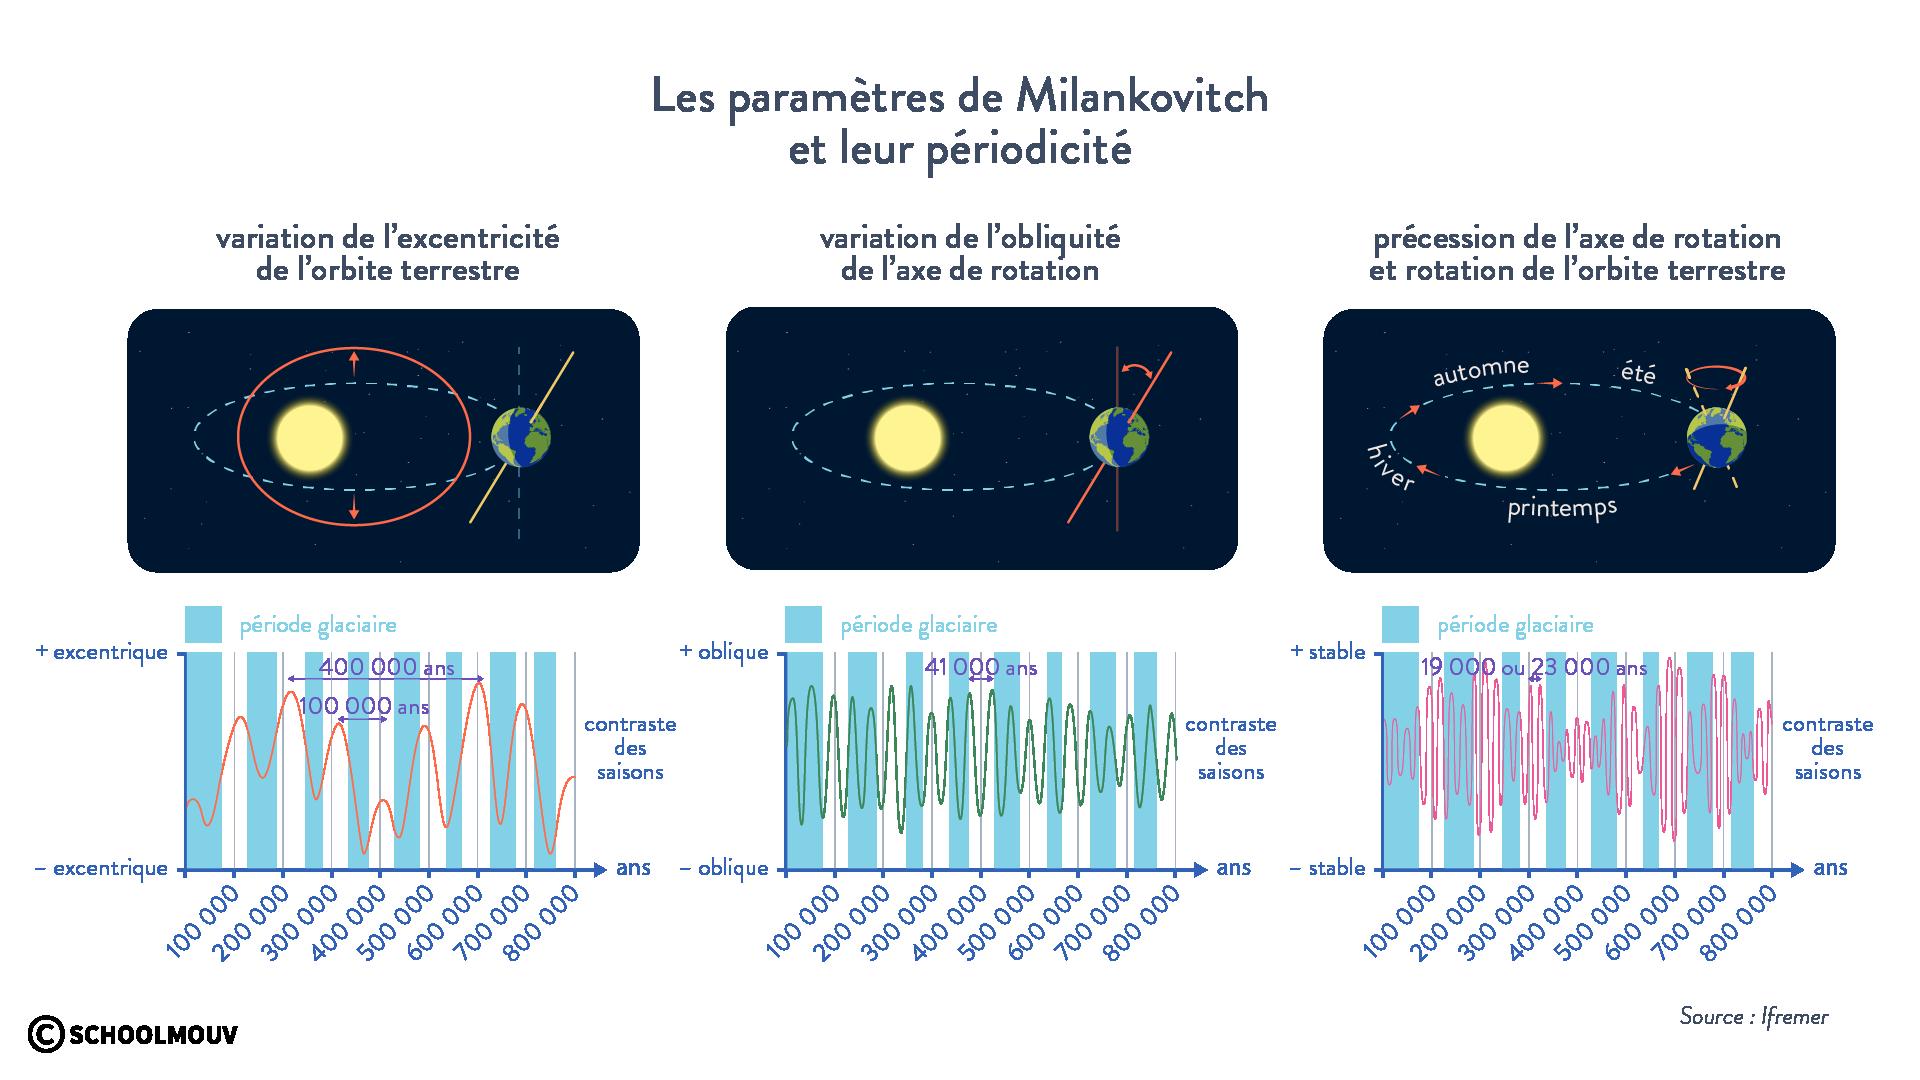 Les paramètres de Milankovitch et leur périodicité